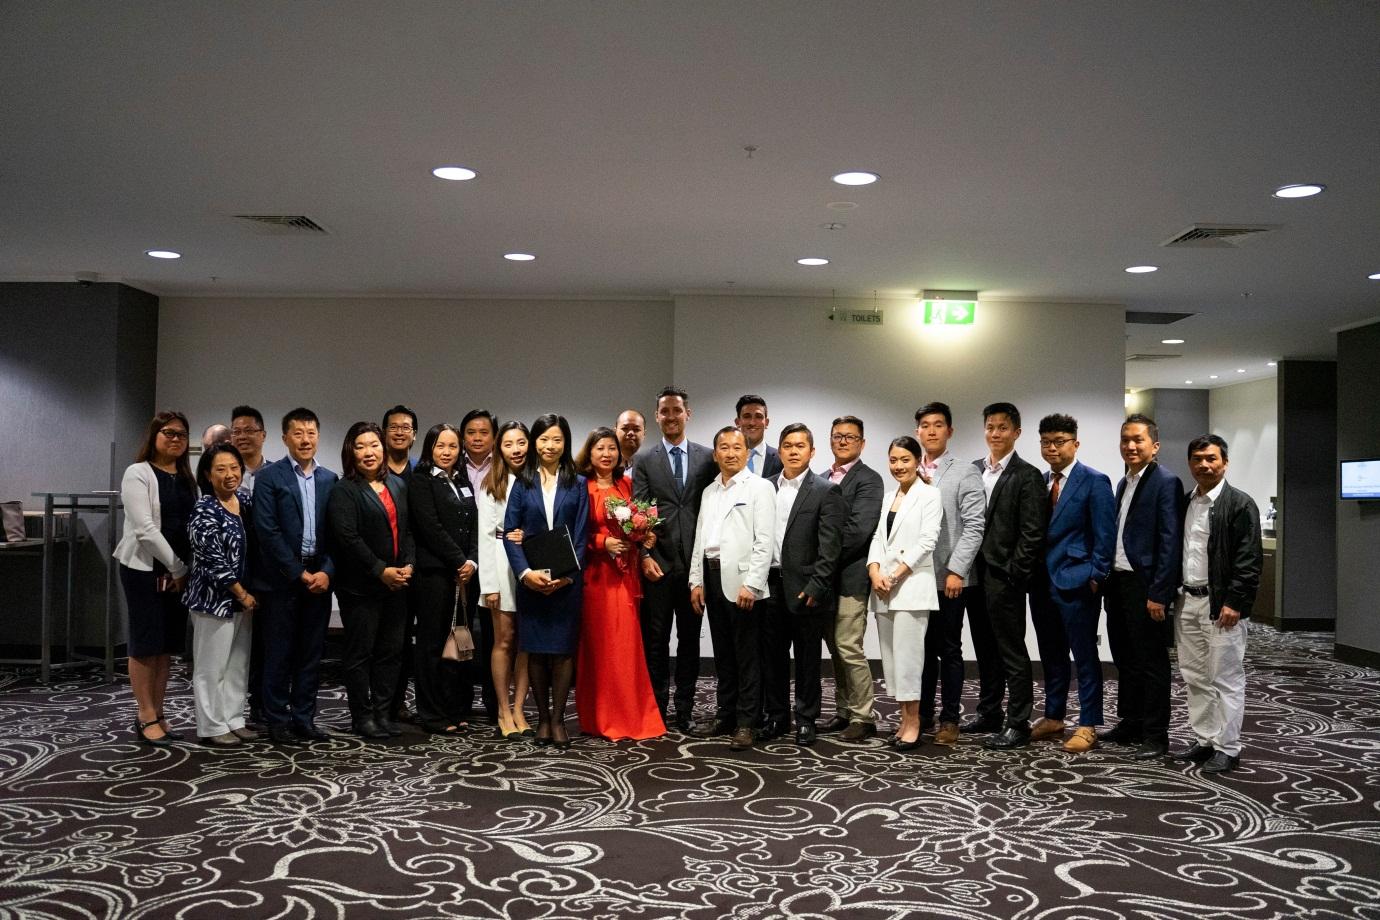 Đoàn đại biểu doanh nghiệp Australia tại hội nghị